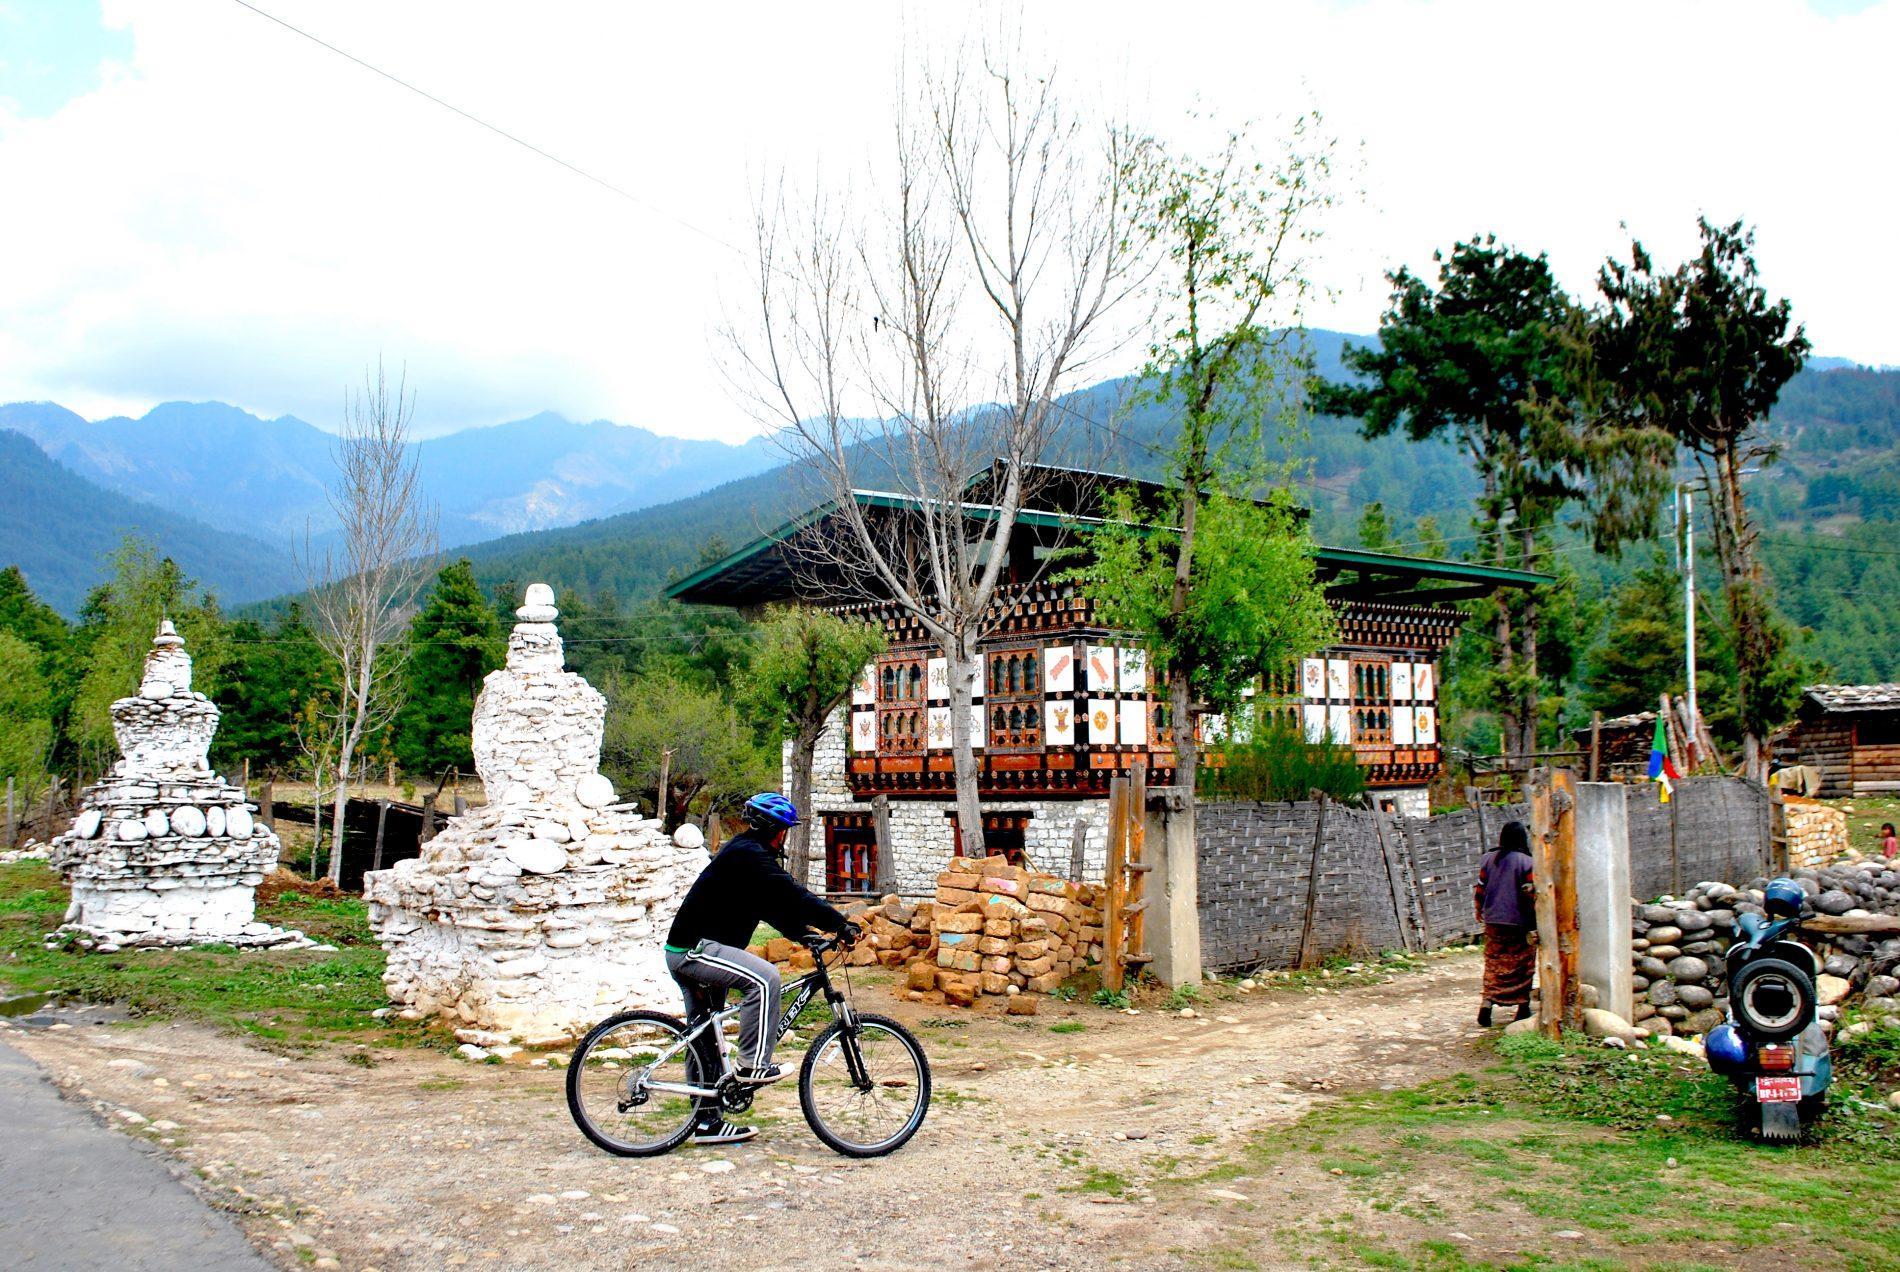 De bicicleta, hóspede do Amankora mergulha na paisagem de Bhumtang